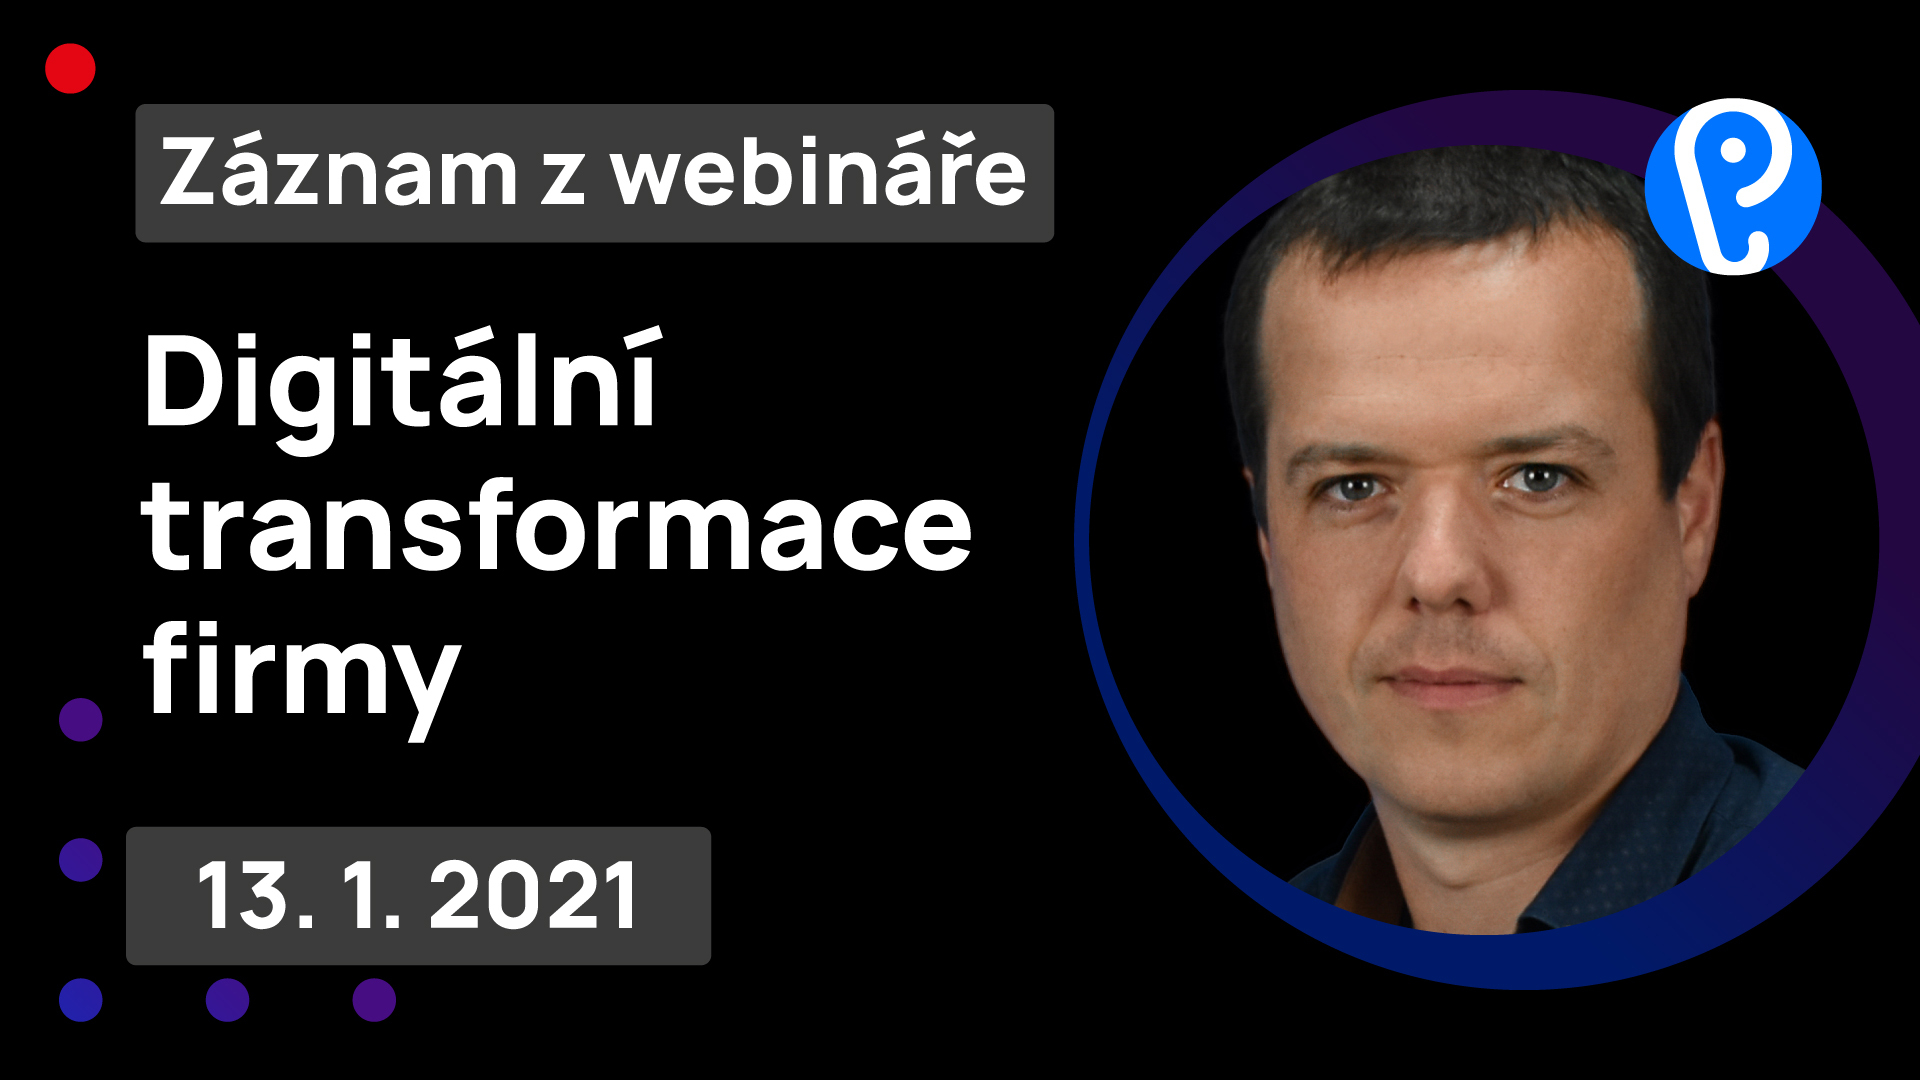 Digitální transformace podniku - záznam webináře s Ľudovítem Marcinčínem